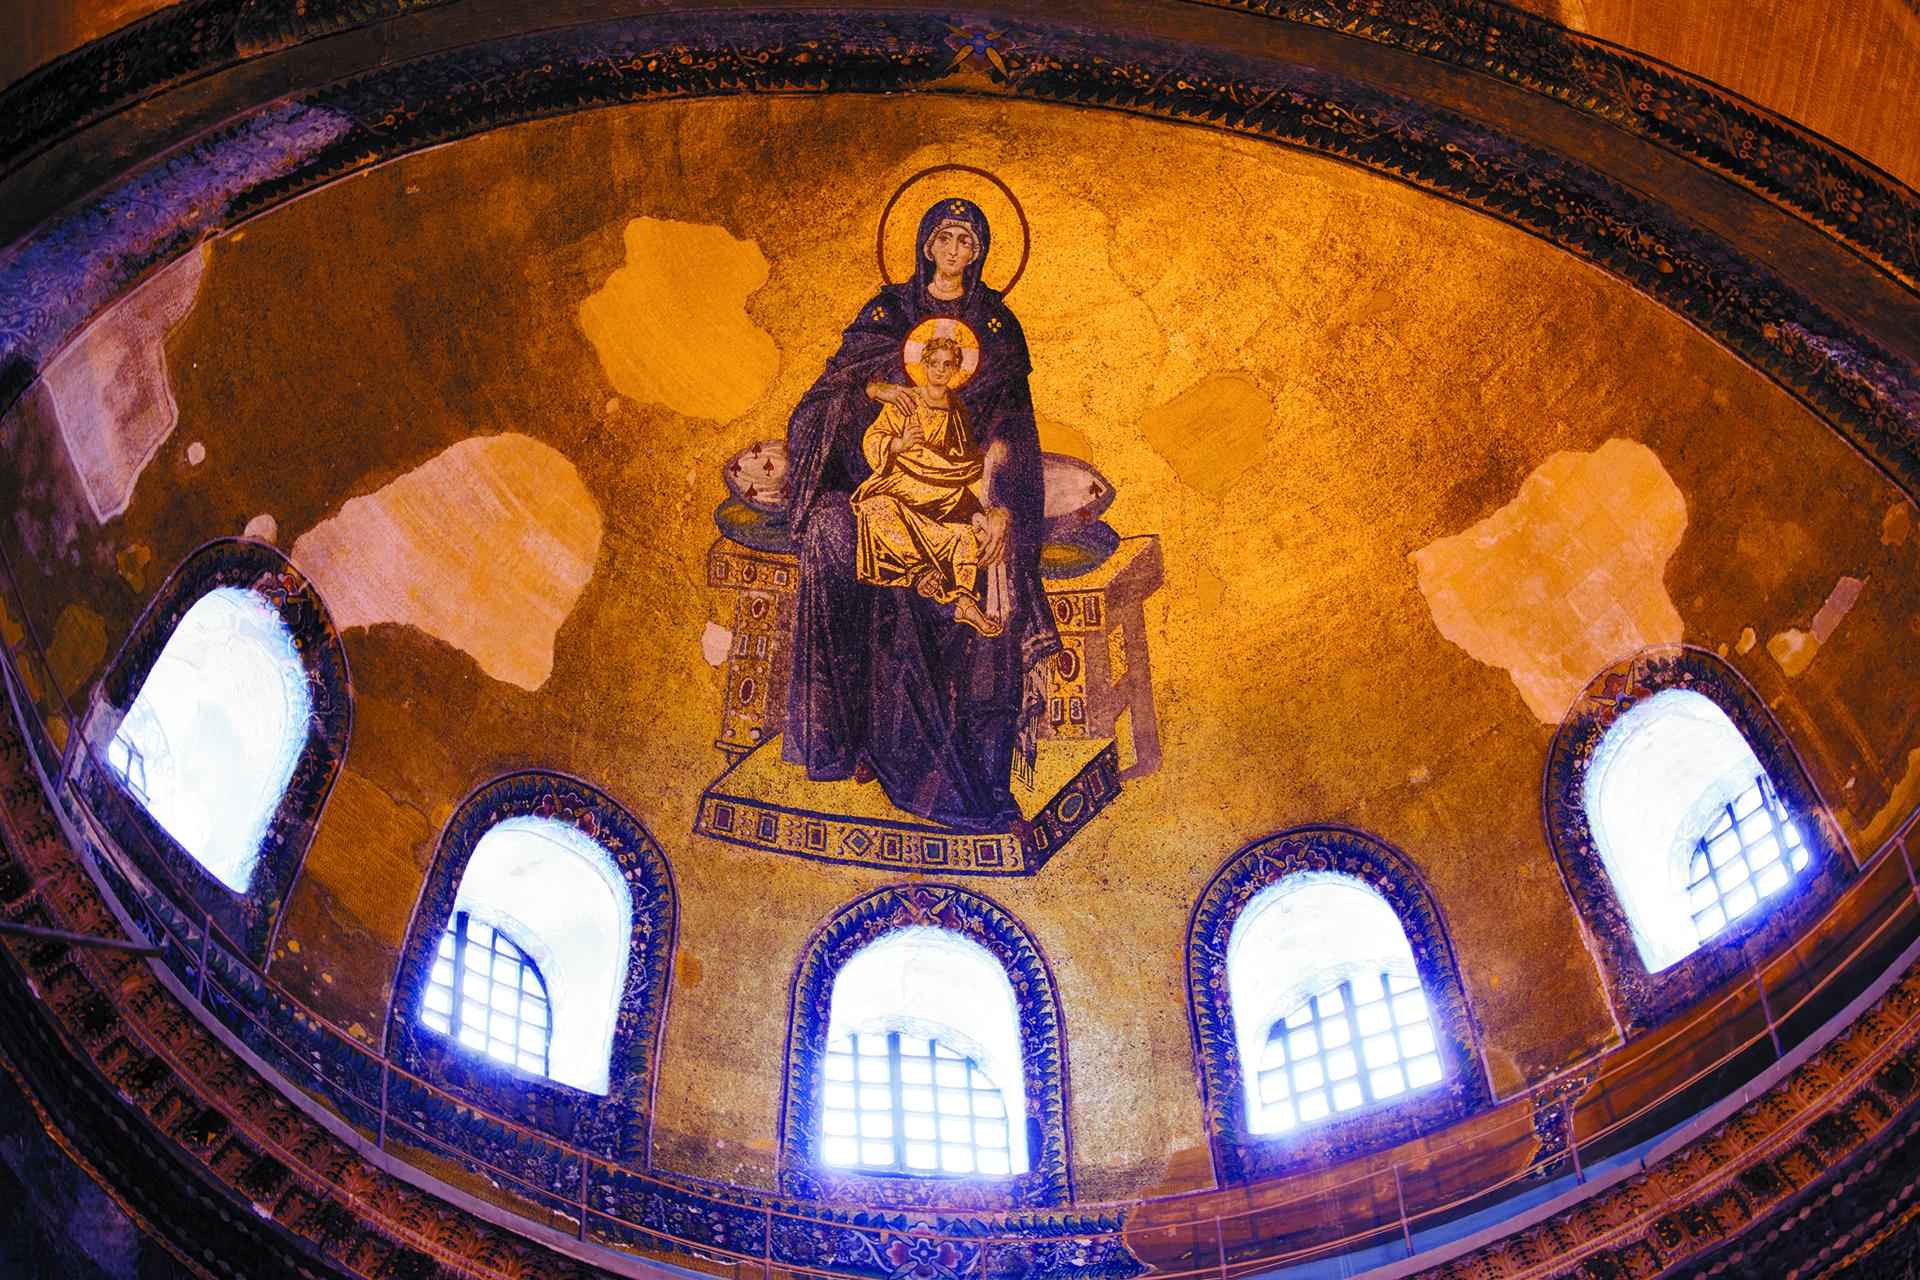 Ο ναός της Αγίας του Θεού Σοφίας στη Βασιλίδα των πόλεων